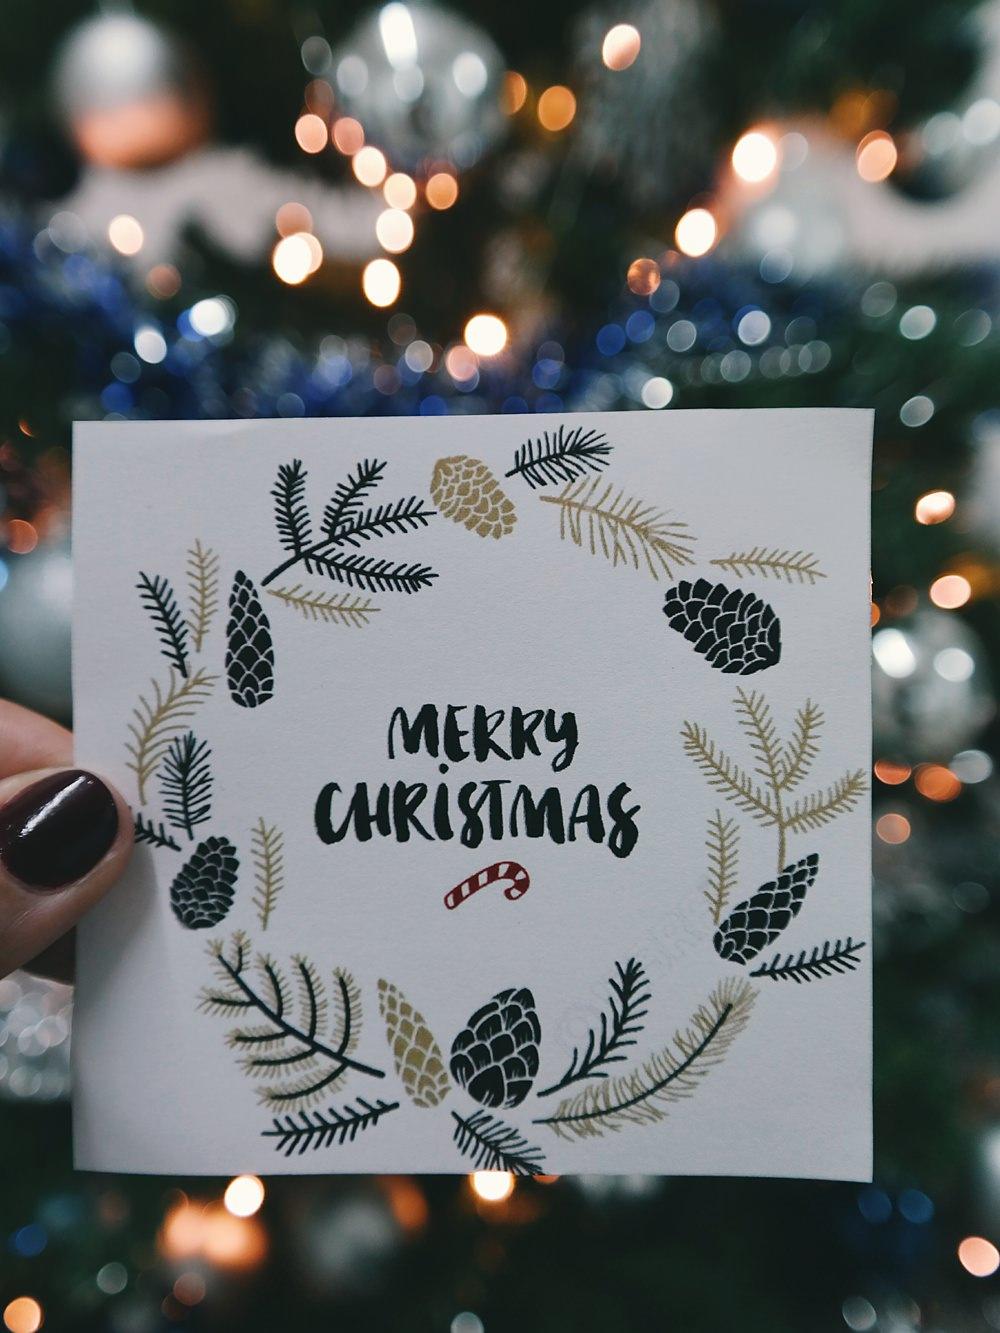 Merry Christmas Tipi festive details